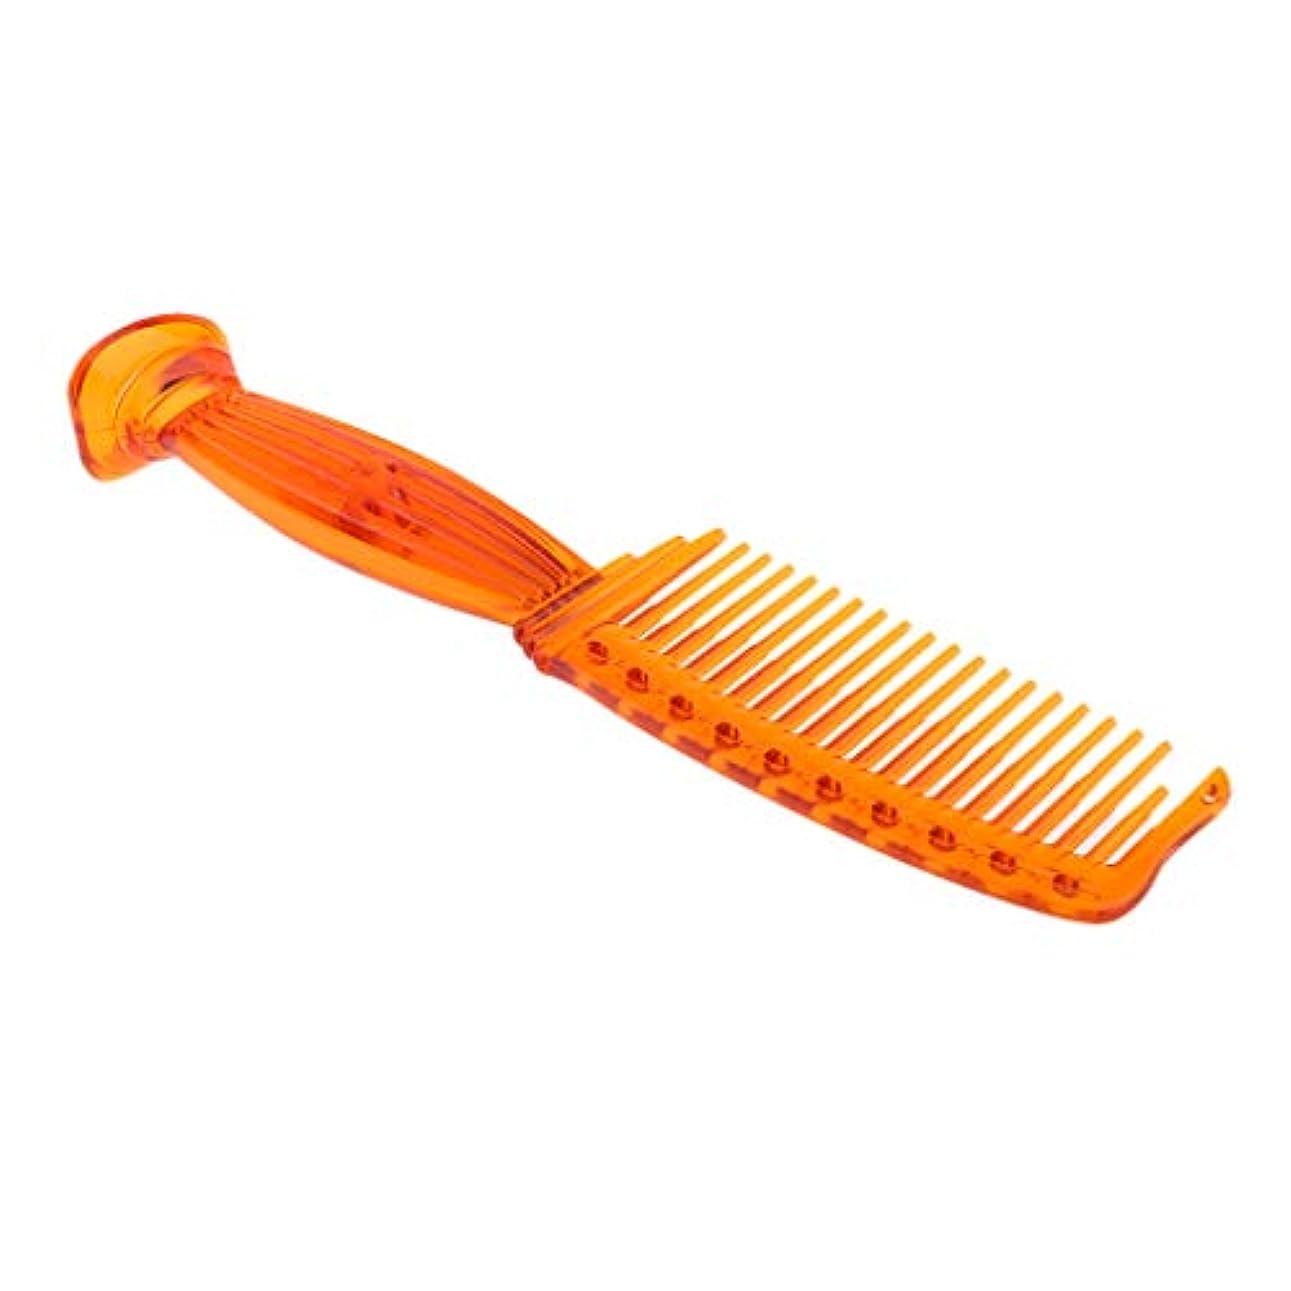 ローラー早めるとげヘアコーム ヘアブラシ ワイド歯 プラスチック プロ ヘアサロン 理髪師 全5色選べ - オレンジ